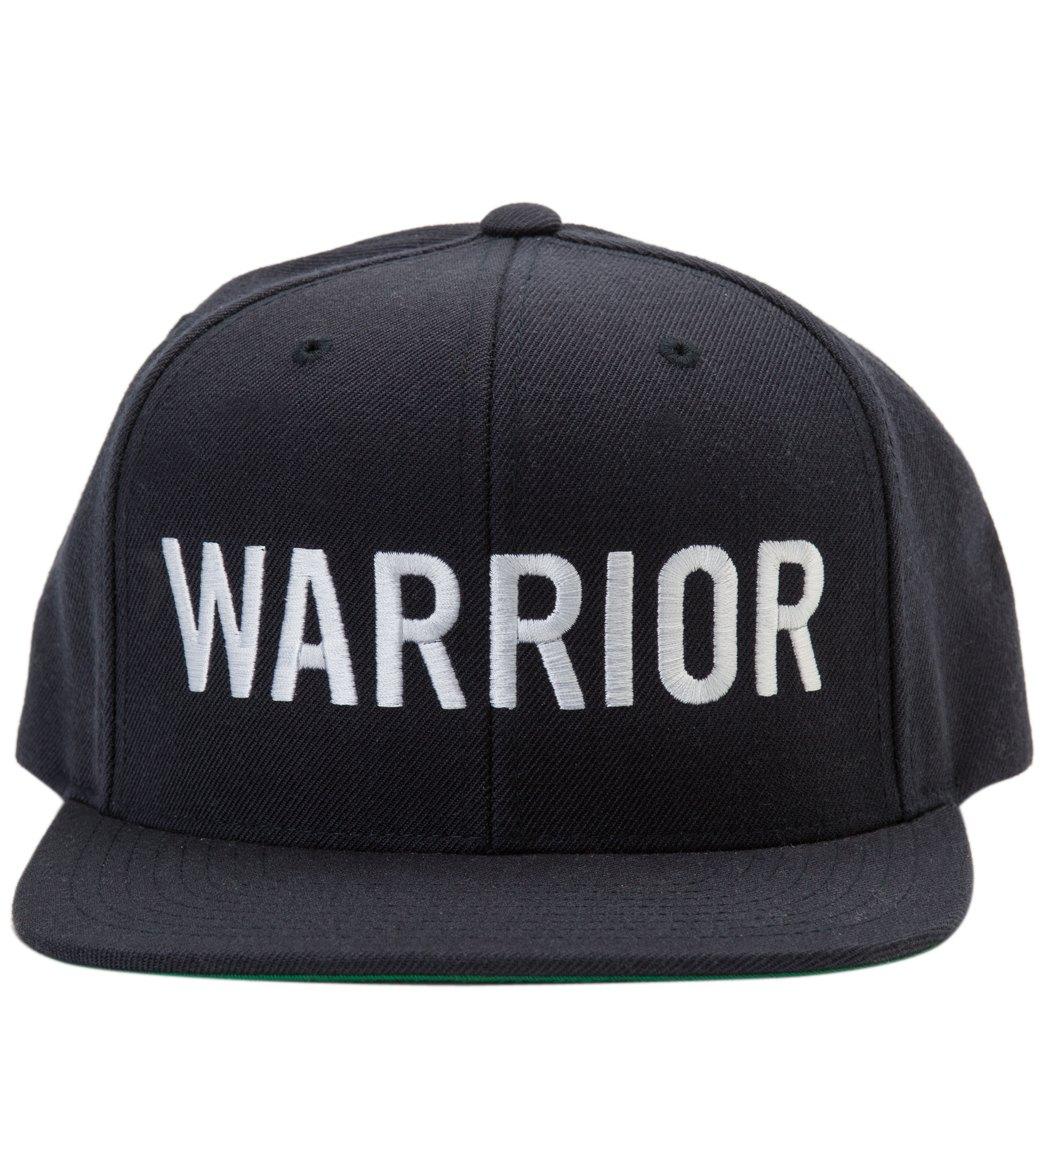 Spiritual Gangster Men s SG Warrior Snapback Hat at YogaOutlet.com f0aff5e8f041